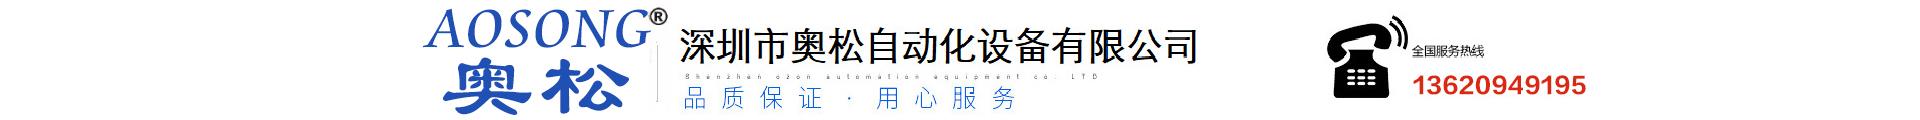 深圳市奥松自动化设备有限公司